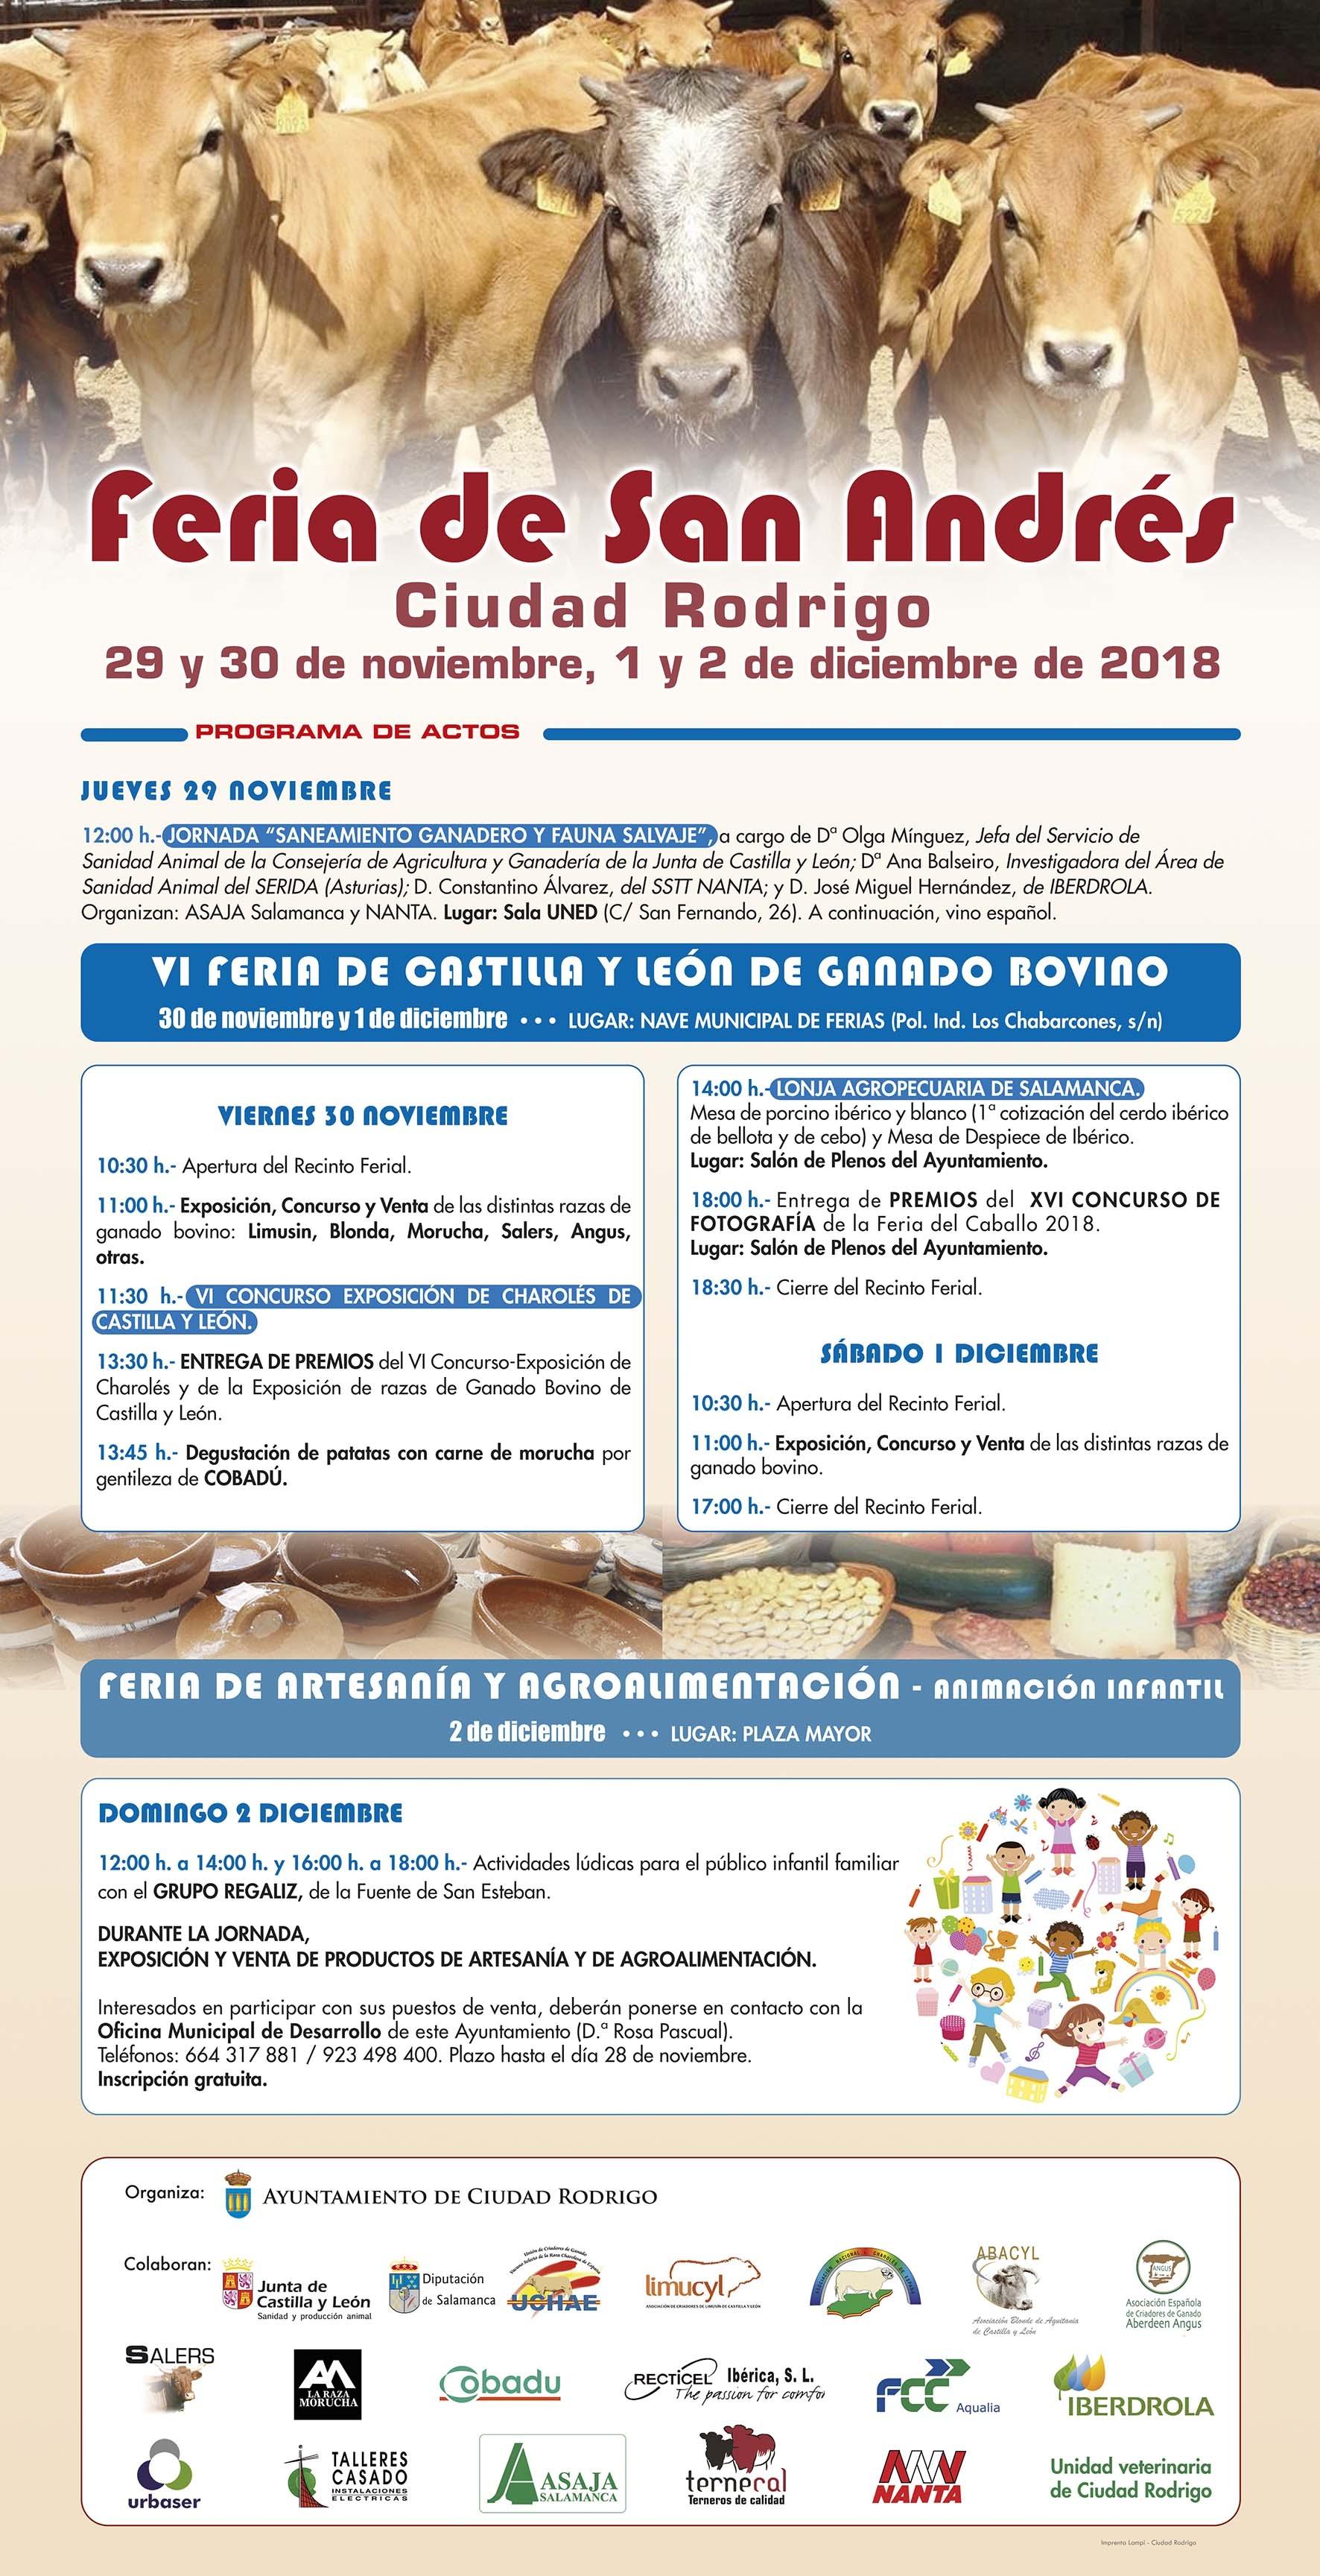 PREMIOS FERIA CIUDAD RODRIGO 2018